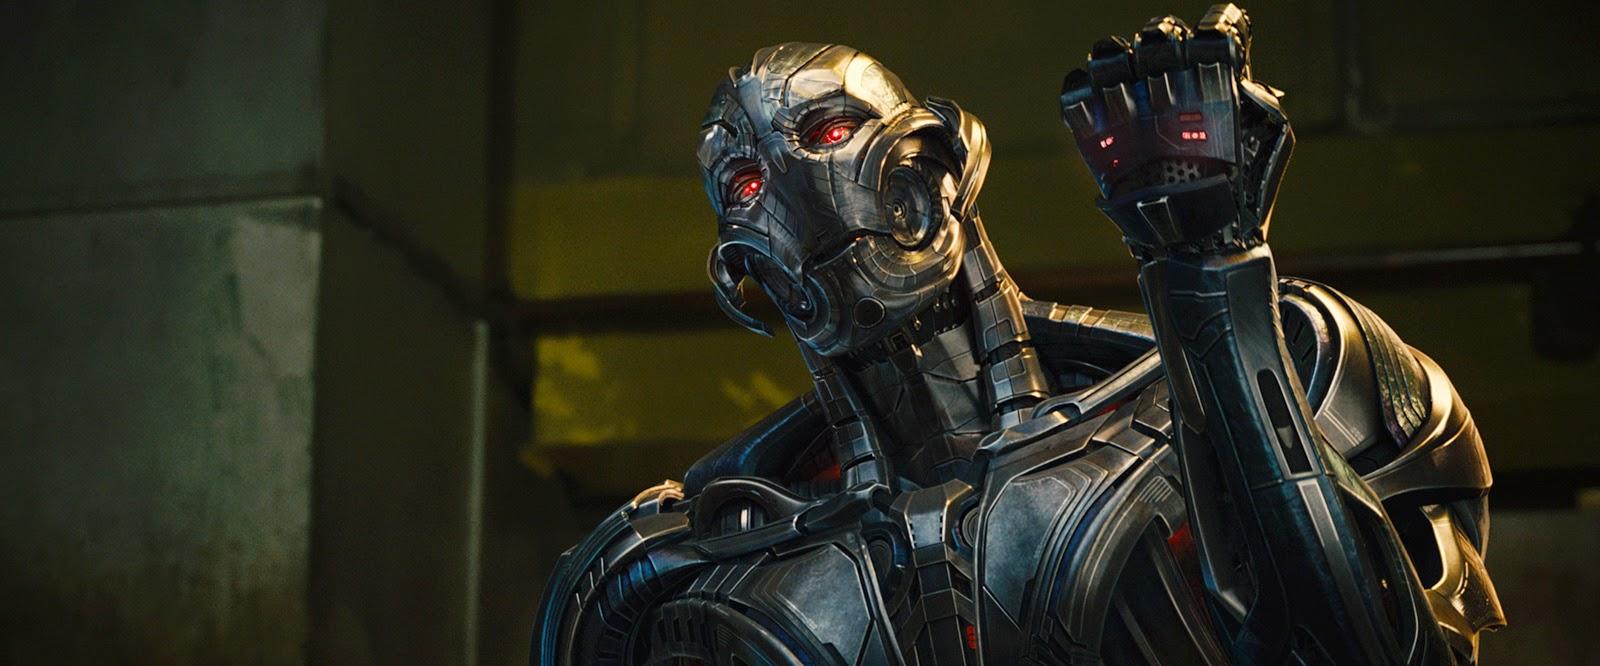 526288 - Vingadores: Era de Ultron